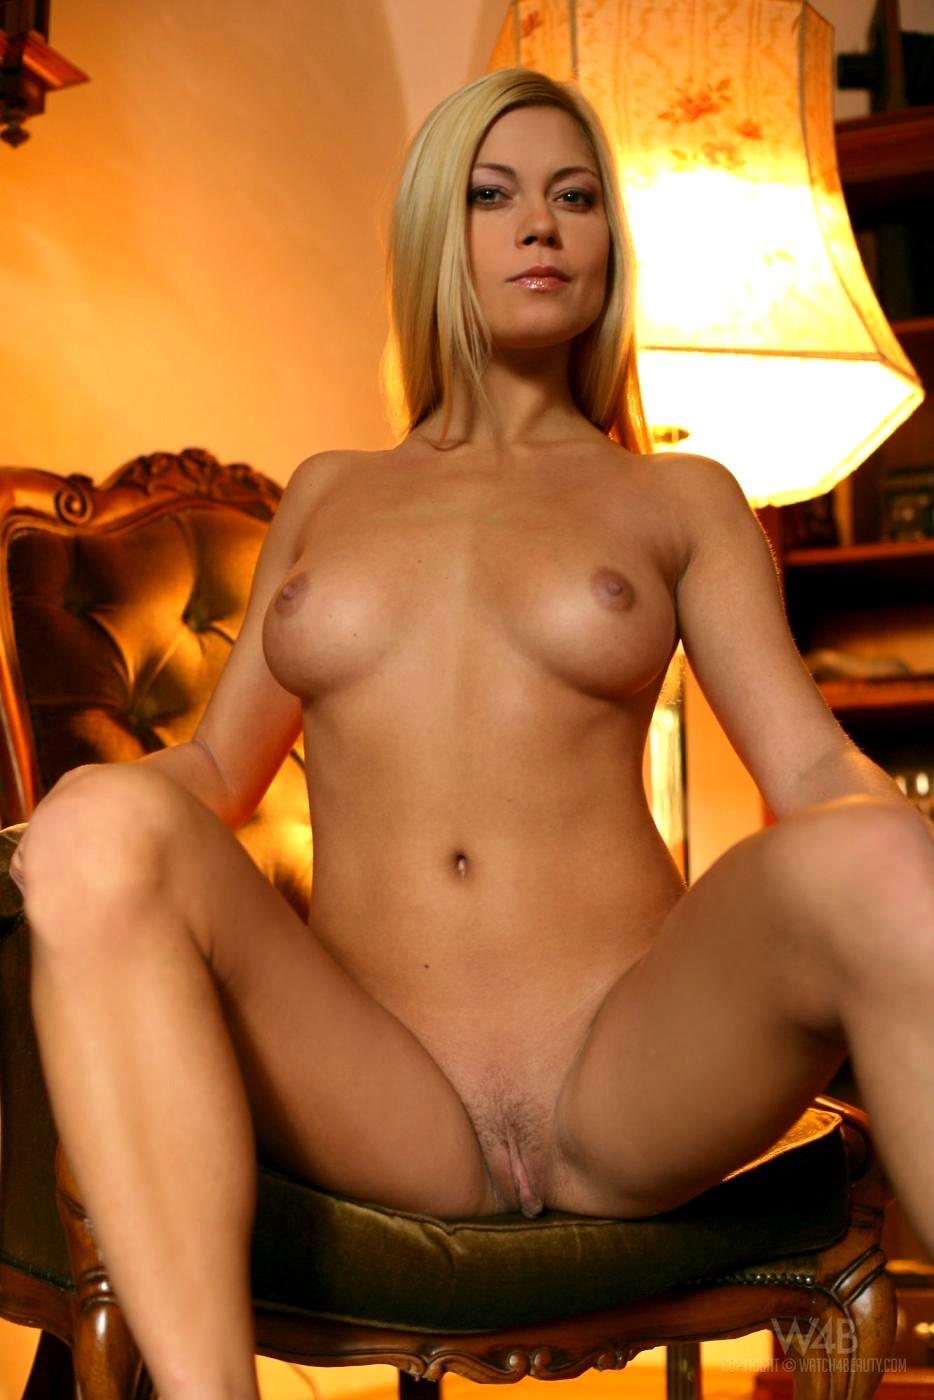 watch beauty adriana malkova xxxat blonde delivery porn pics 3